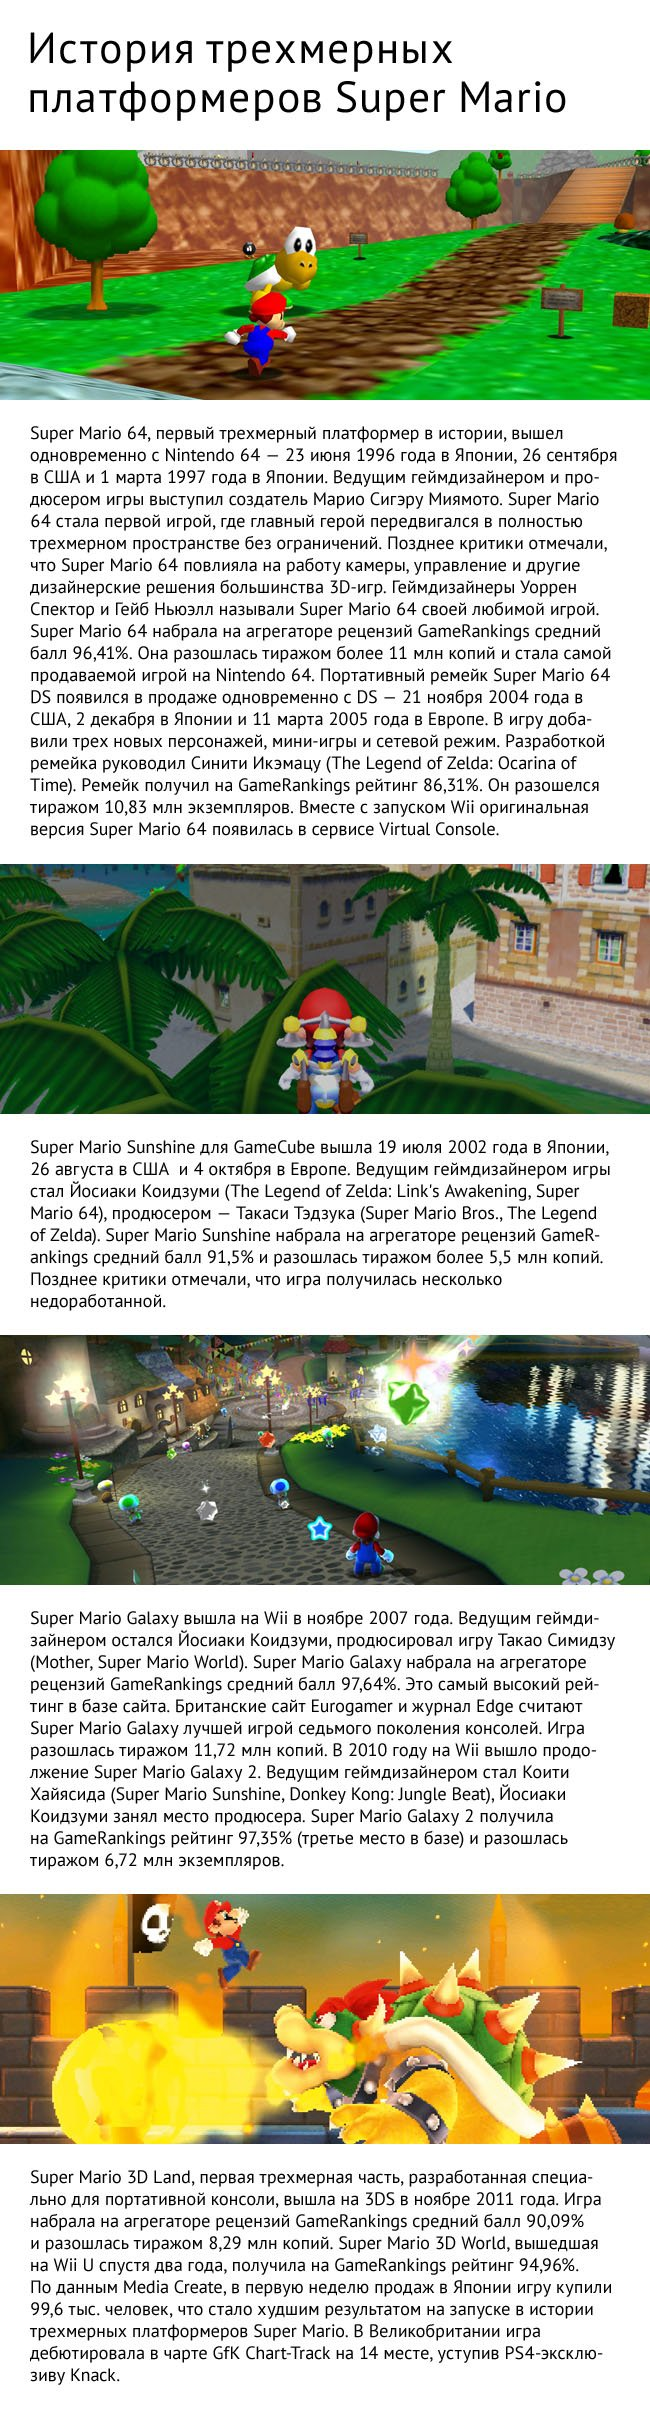 Рецензия на Super Mario 3D World - Изображение 6